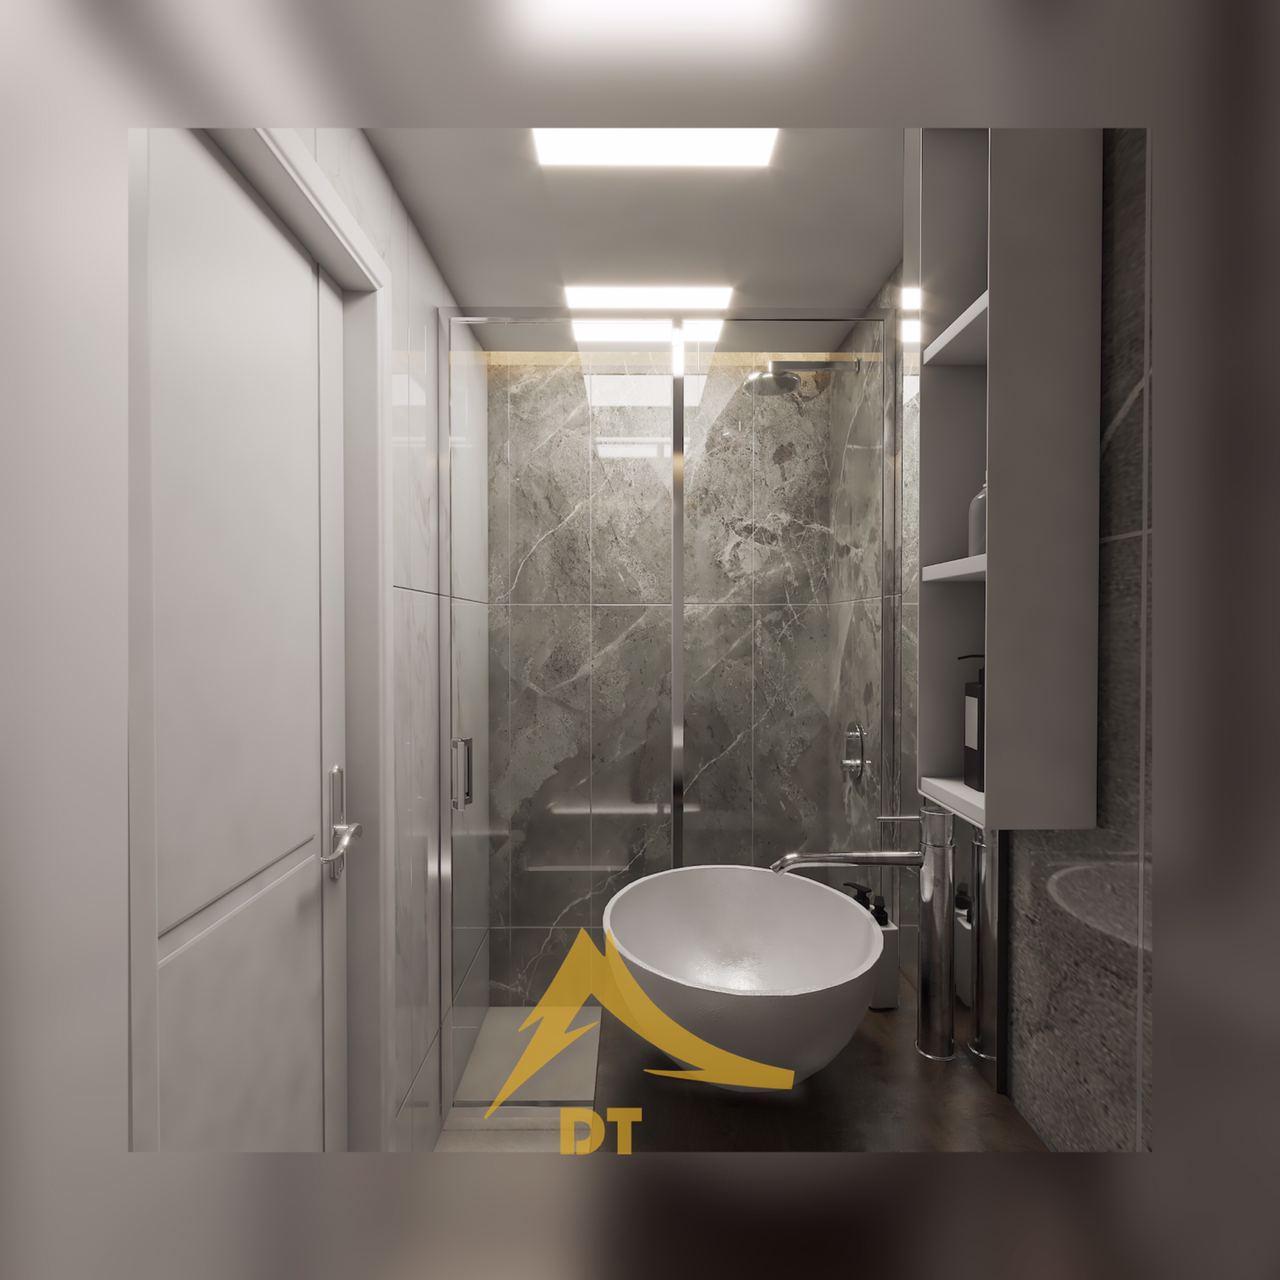 شرکت معماری و دکوراسیون داخلی دکوطرح - proje 29 mehr 3